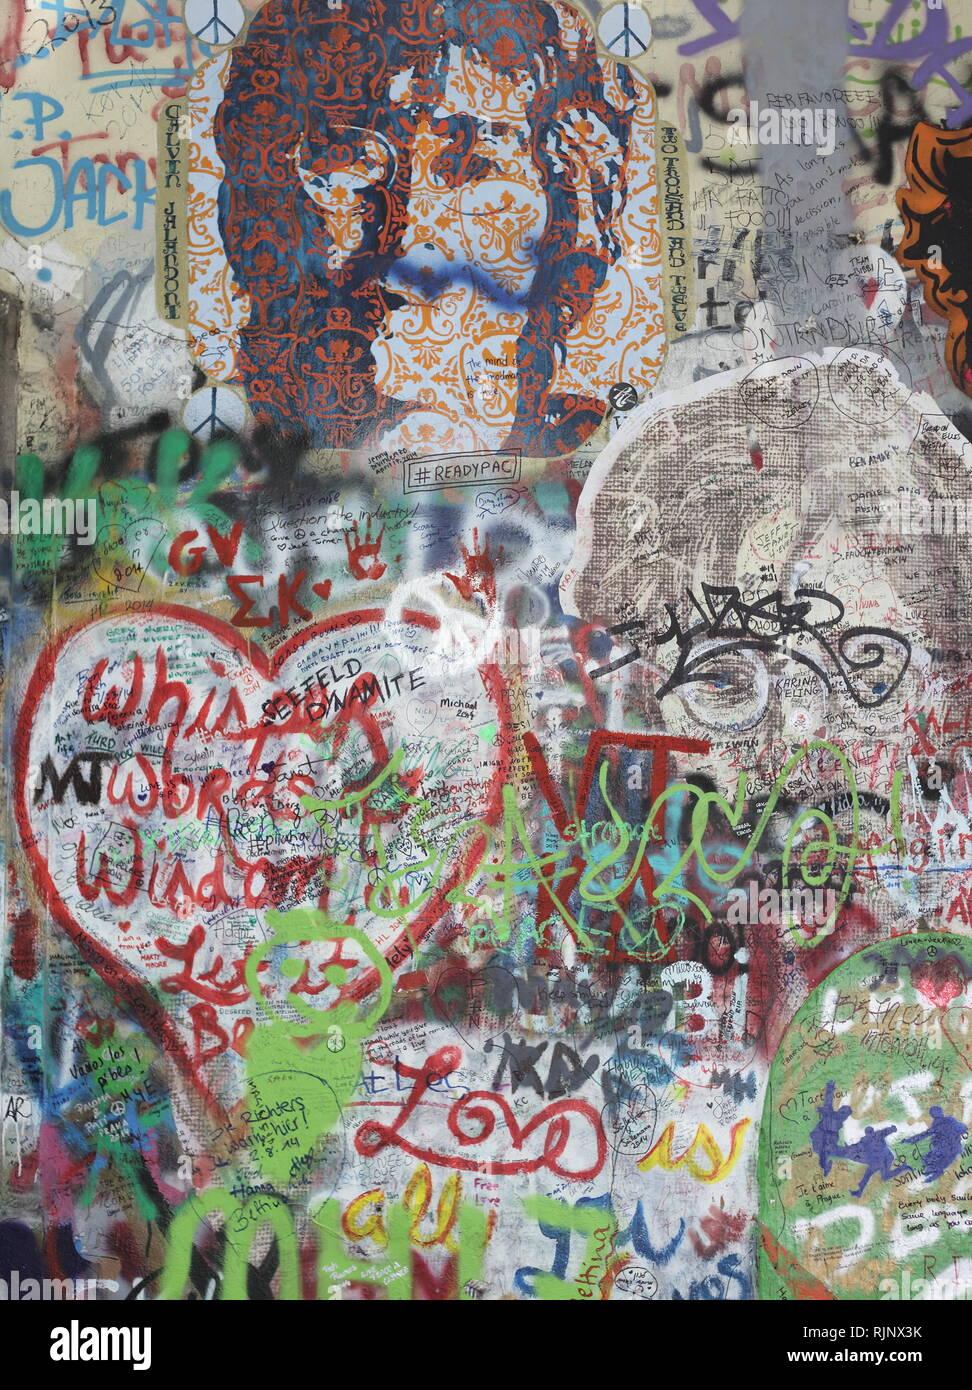 Praga, República Checa - Noviembre 05:El Muro de Lennon desde 1980 lleno de John Lennon. Sólo para uso editorial. Foto de stock